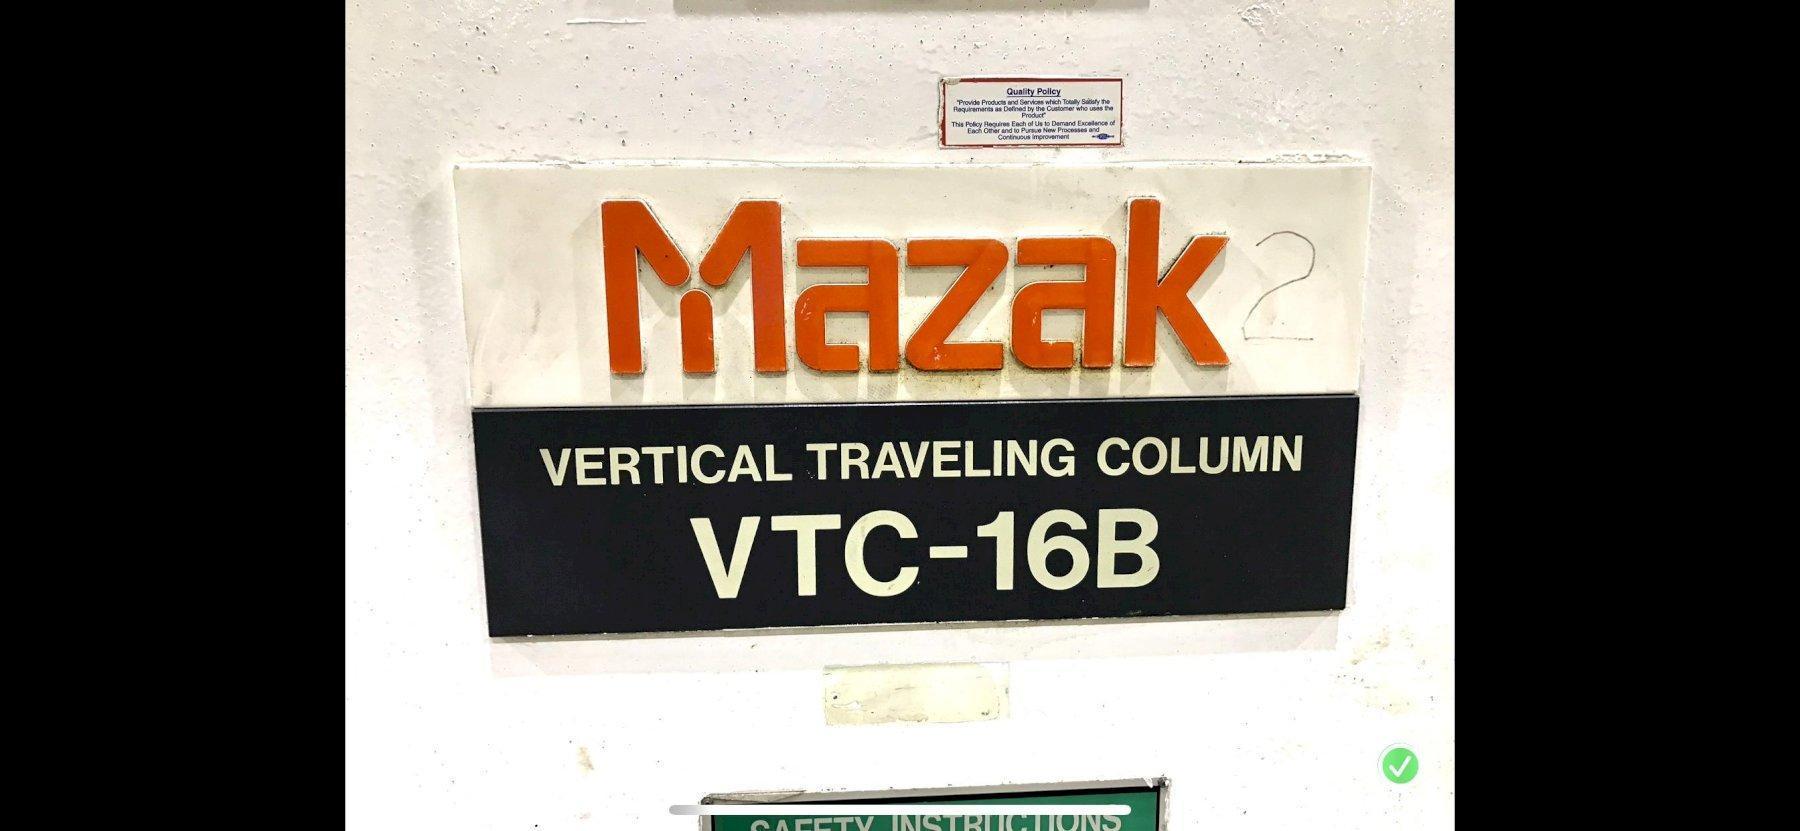 Mazak VTC 16B